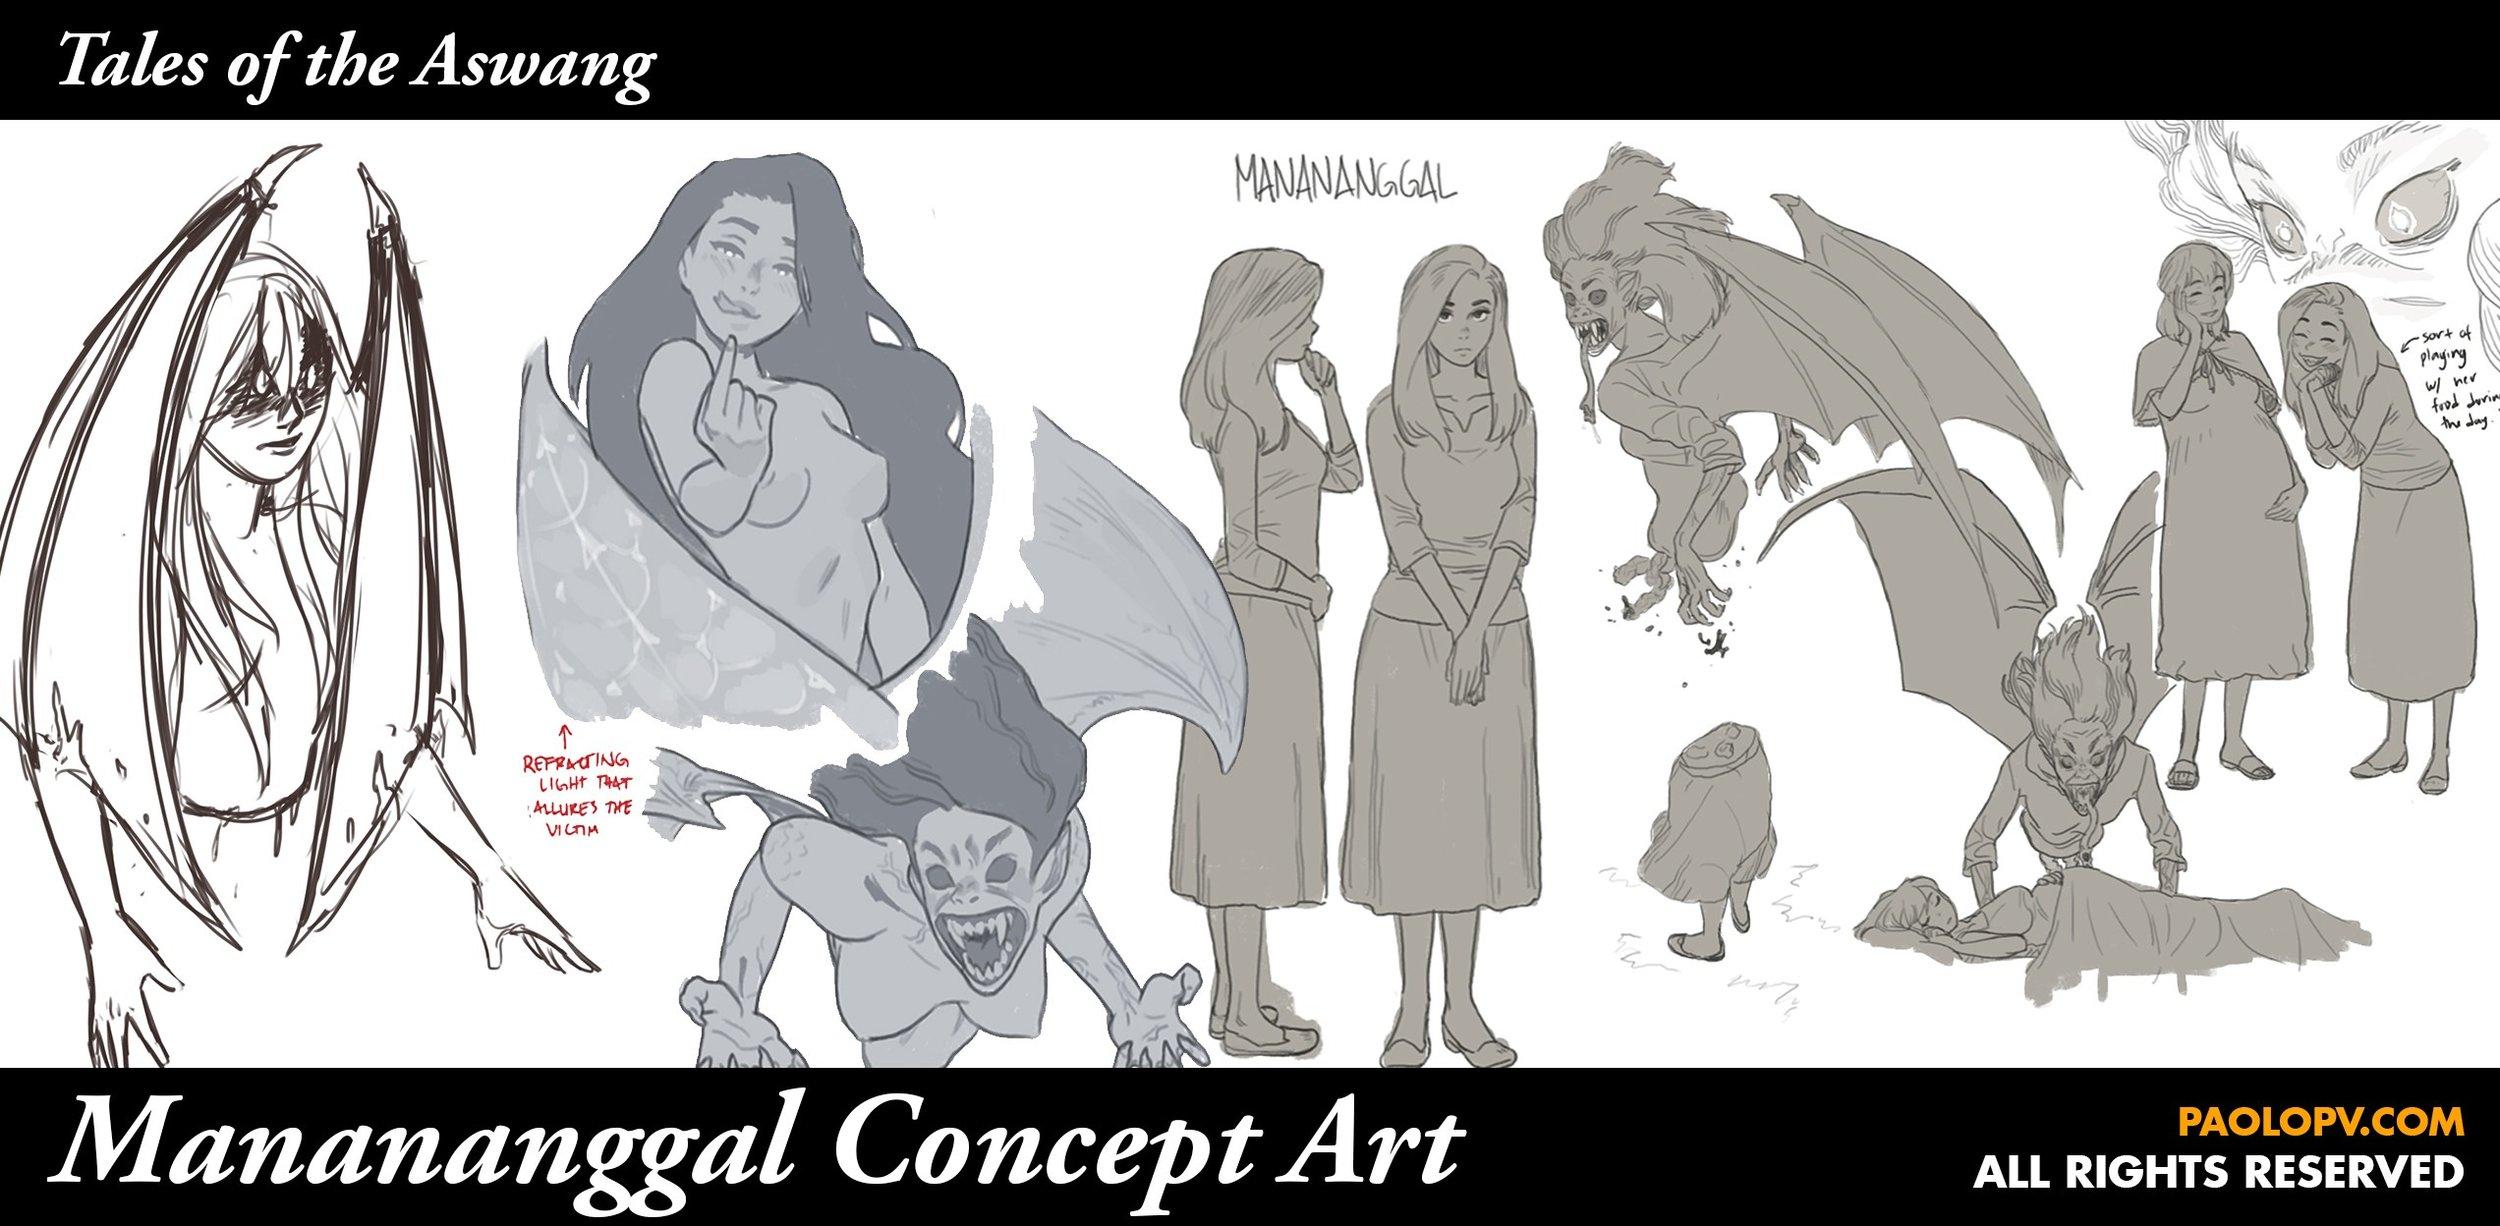 Tales-of-the-Aswang-Concept-Art-Manananggal-2.jpg